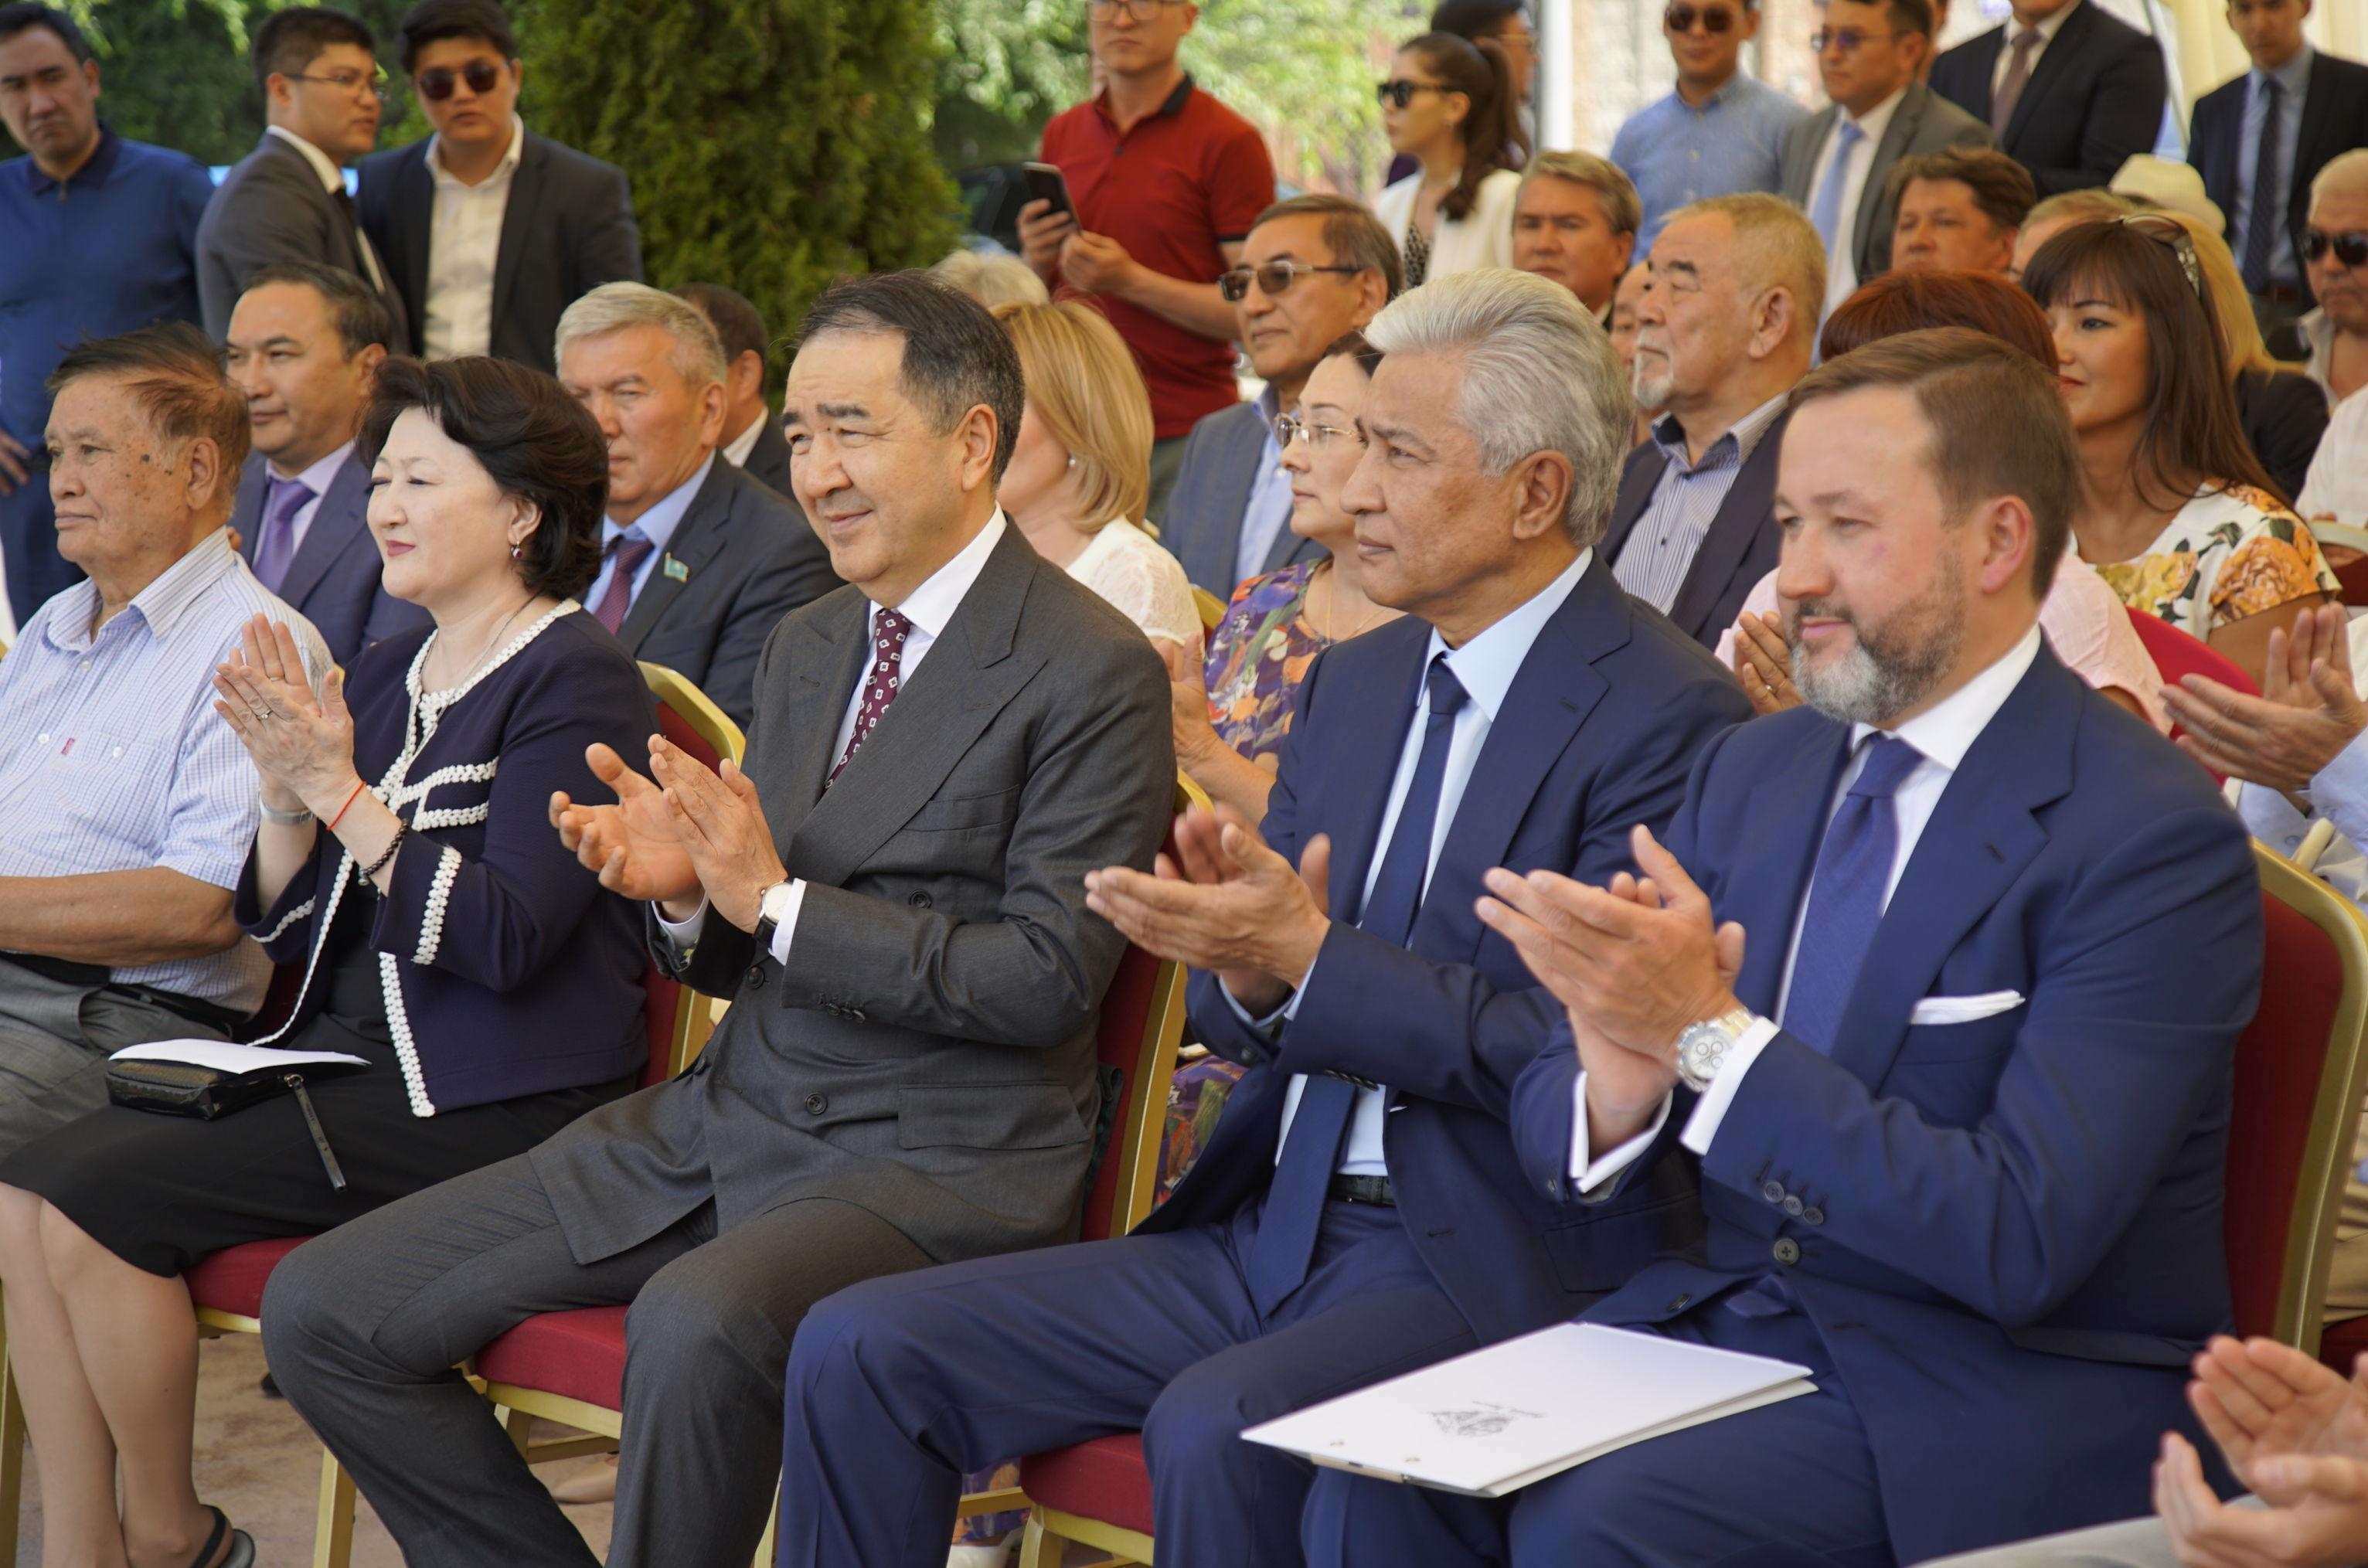 Бакытжан Сагинтаев и Имангали Тасмагамбетов на открытии улицы, названной в честь башкирского поэта и писателя Мустая Карима в Алматы